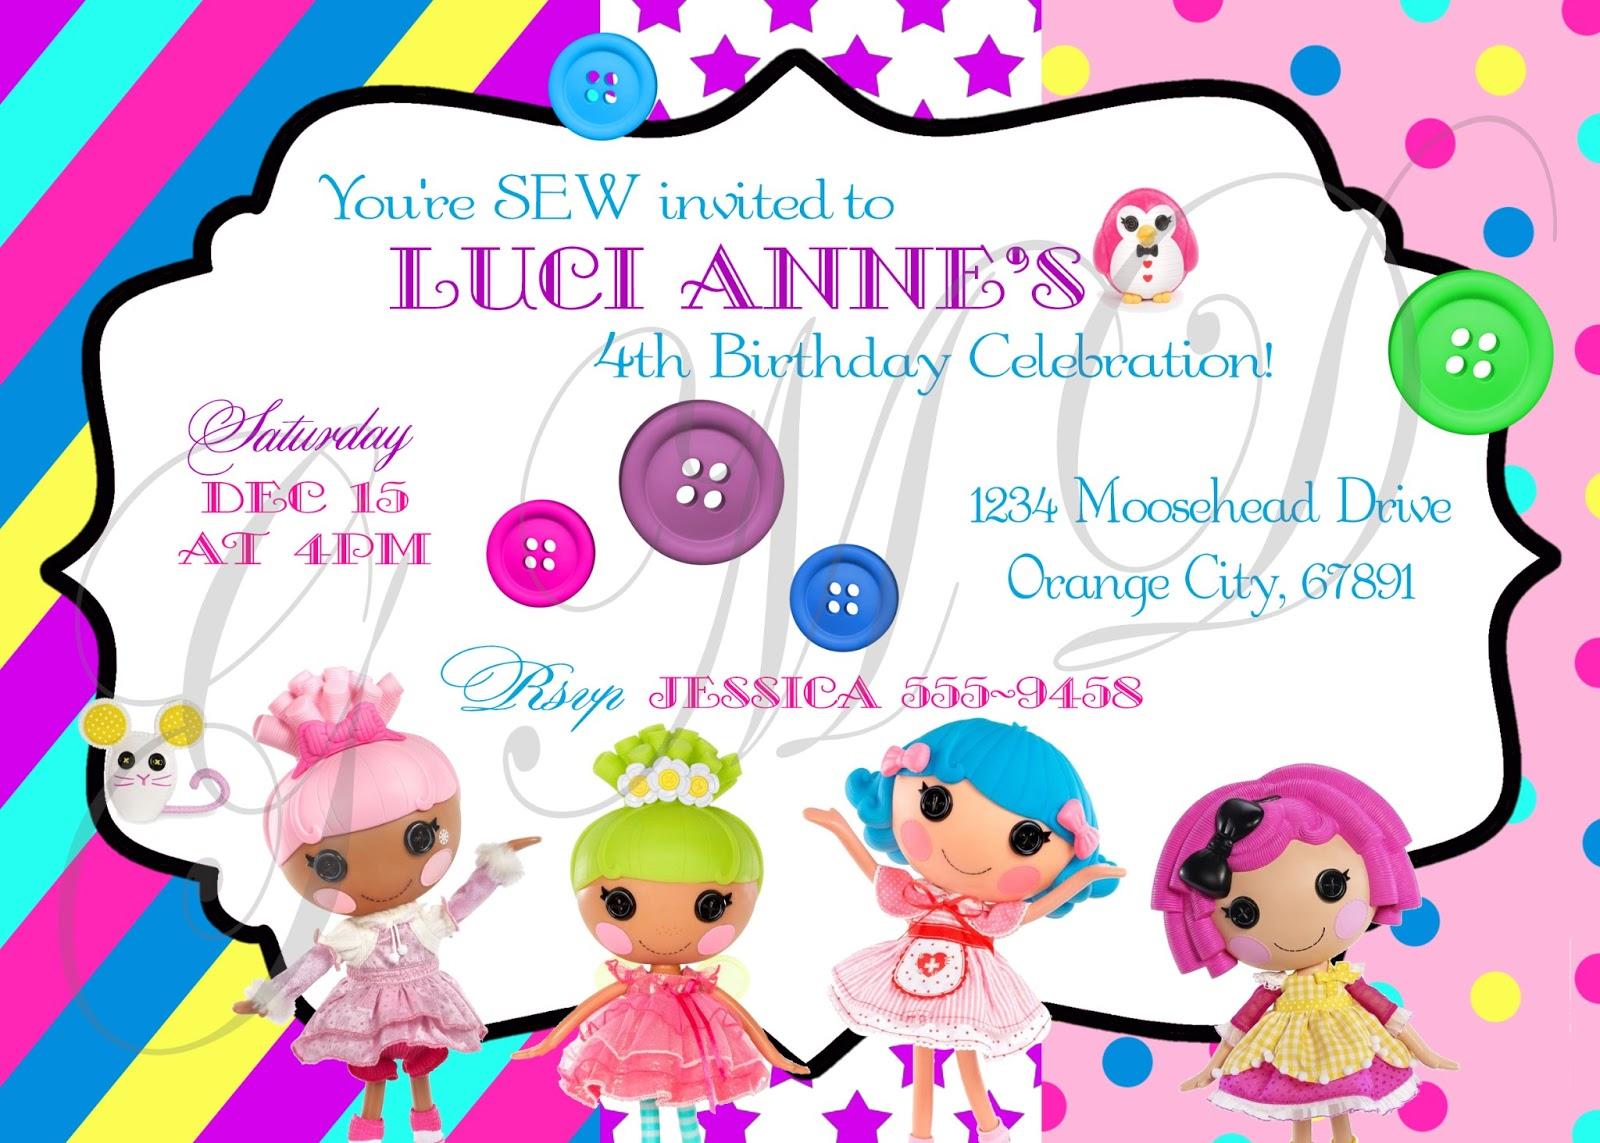 Girly Momma Designs Lalaloopsy Birthday Party Theme – Lalaloopsy Birthday Invitation